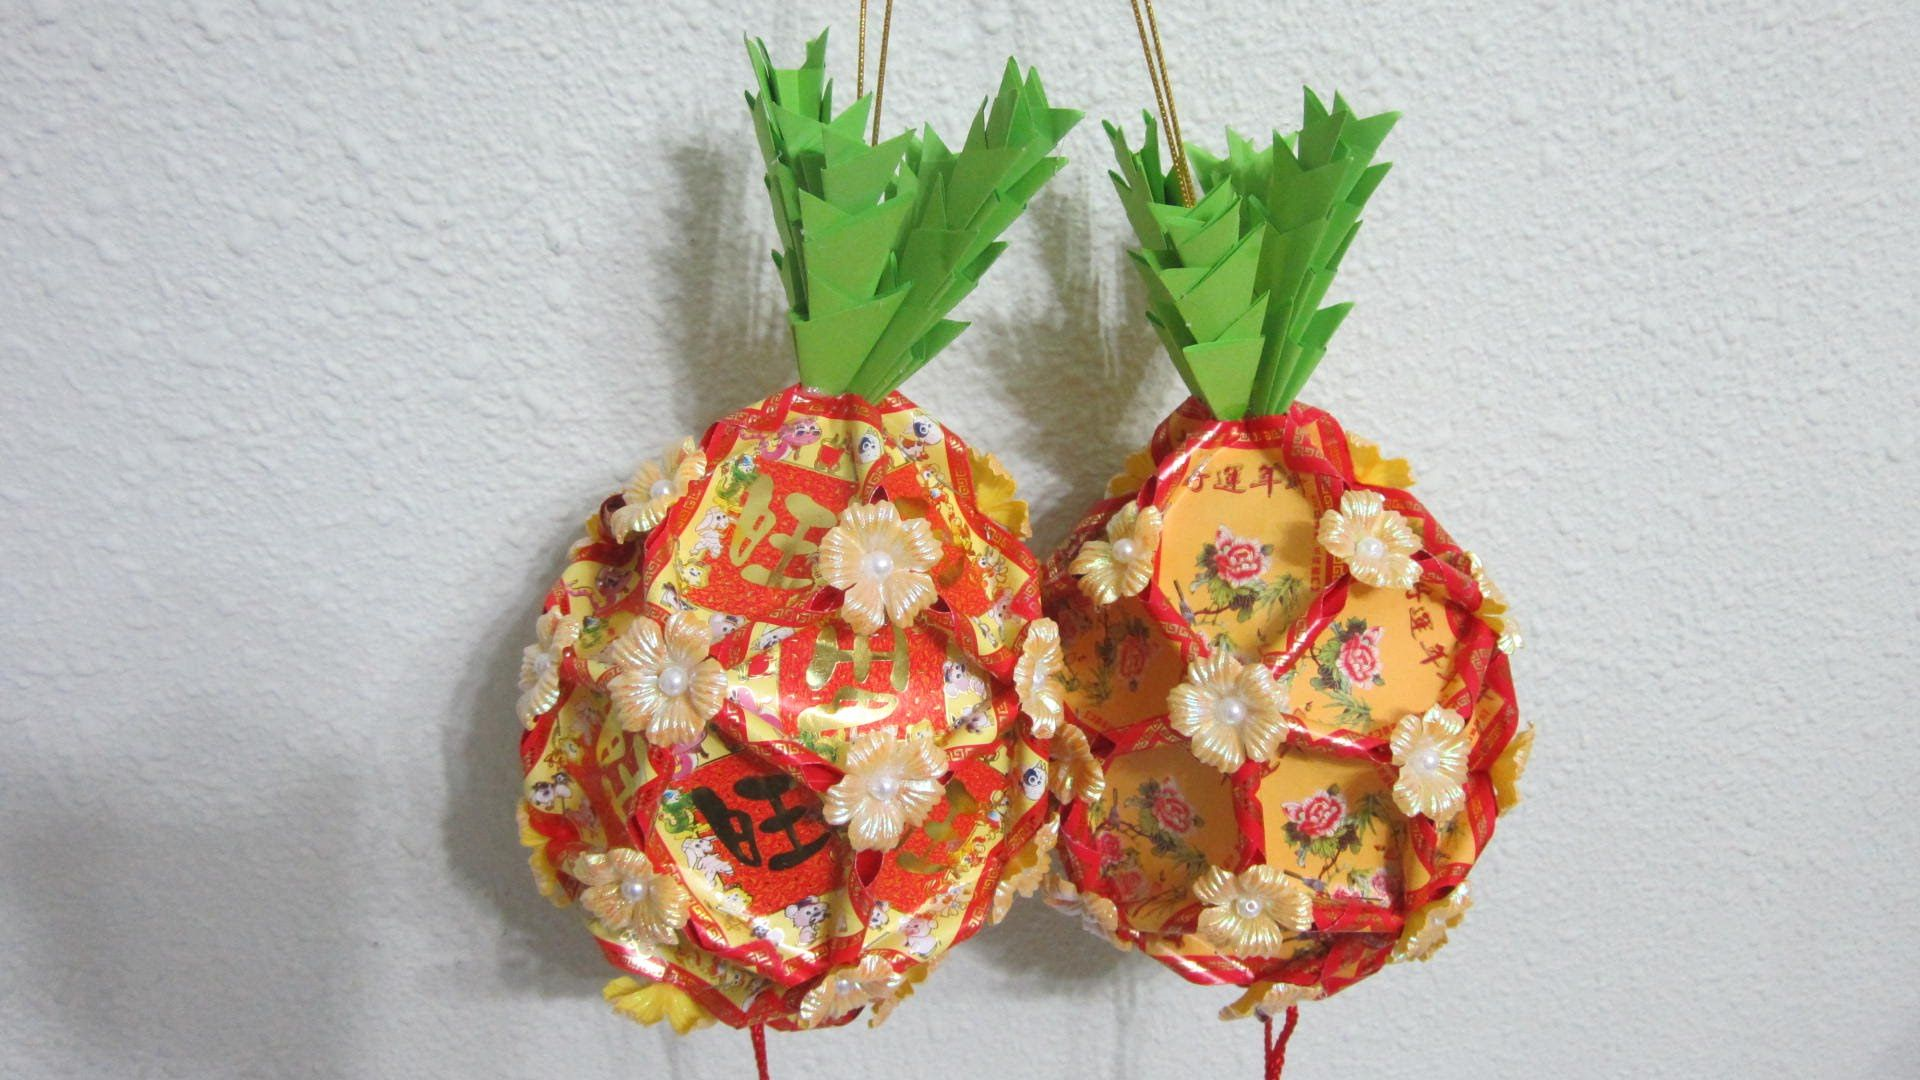 TUTORIAL 6 How to make a Hongbao (angpow) pineapple